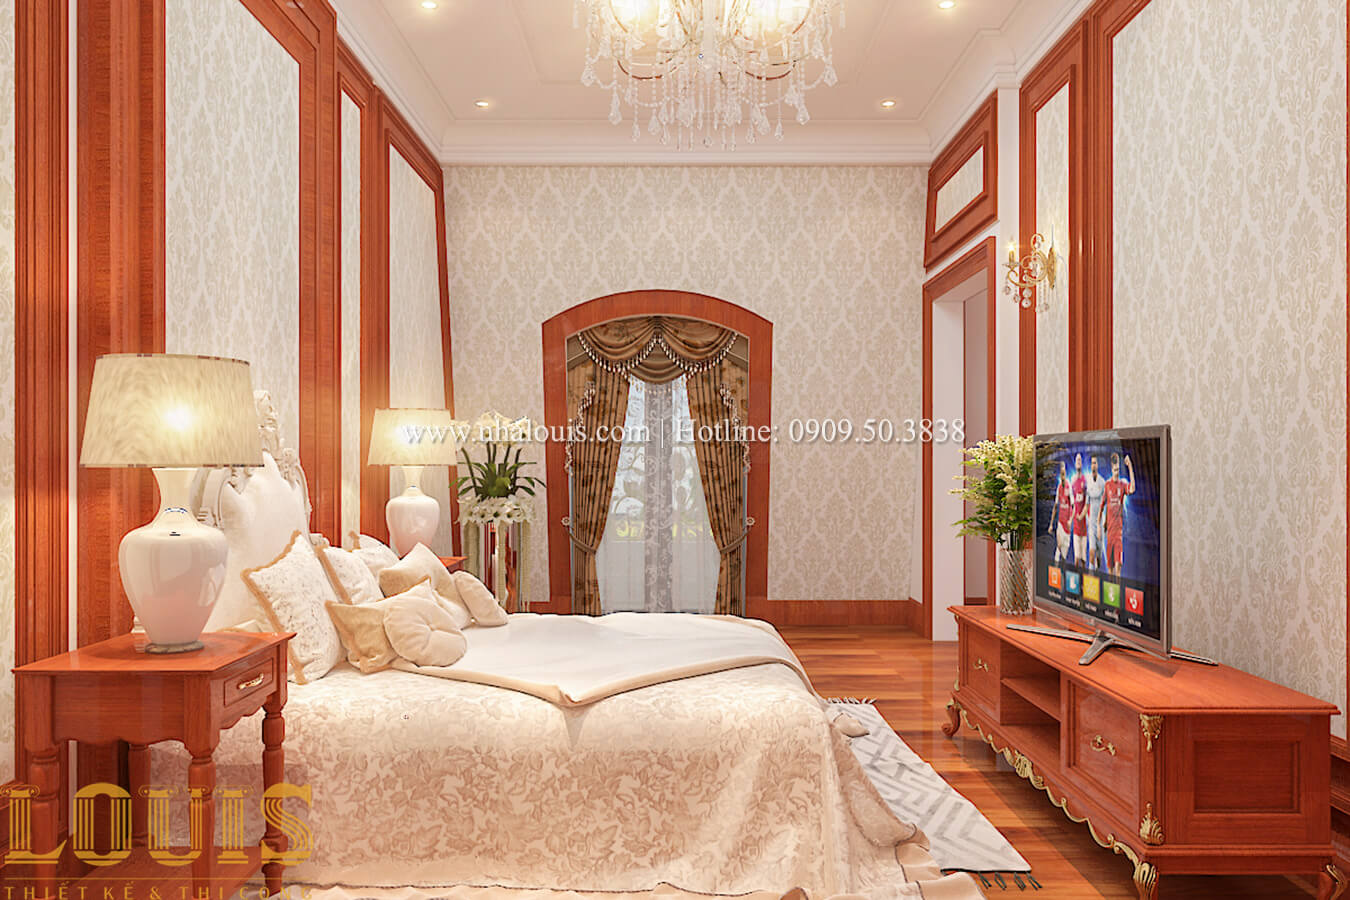 Phòng ngủ Thiết kế biệt thự kiến trúc Pháp phong cách 2018 đẳng cấp